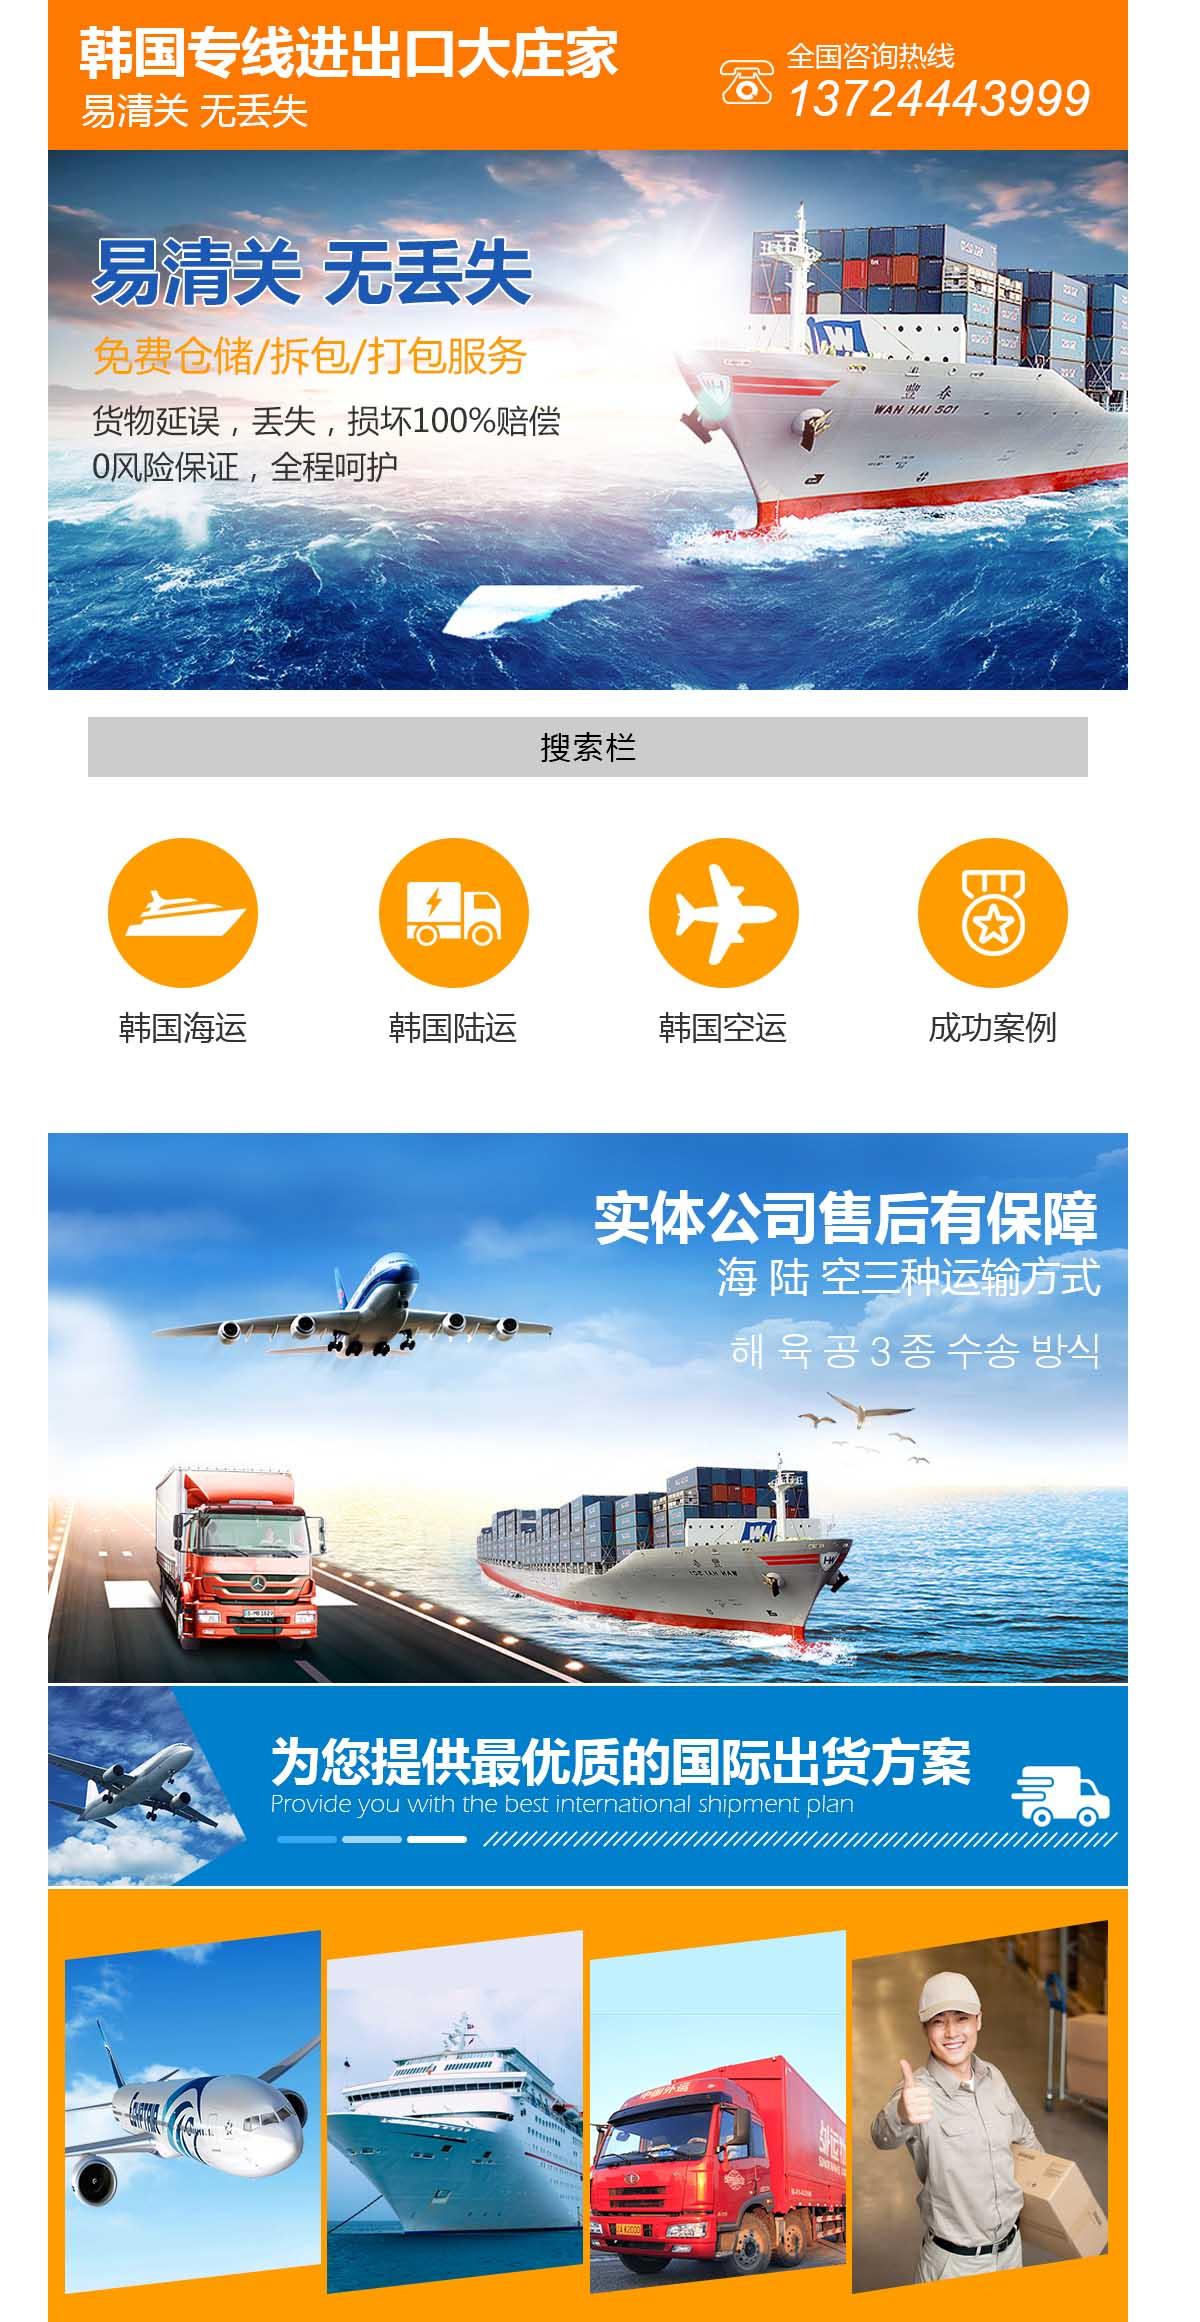 东莞市韩骏物流有限公司作为一家综合性服务的物流企业,可以为客户提供量身订造的物流解决方案。韩骏具备国际航空货运、国际海陆货运、国内路铁货运、空海进出口等多项货运代理资格。